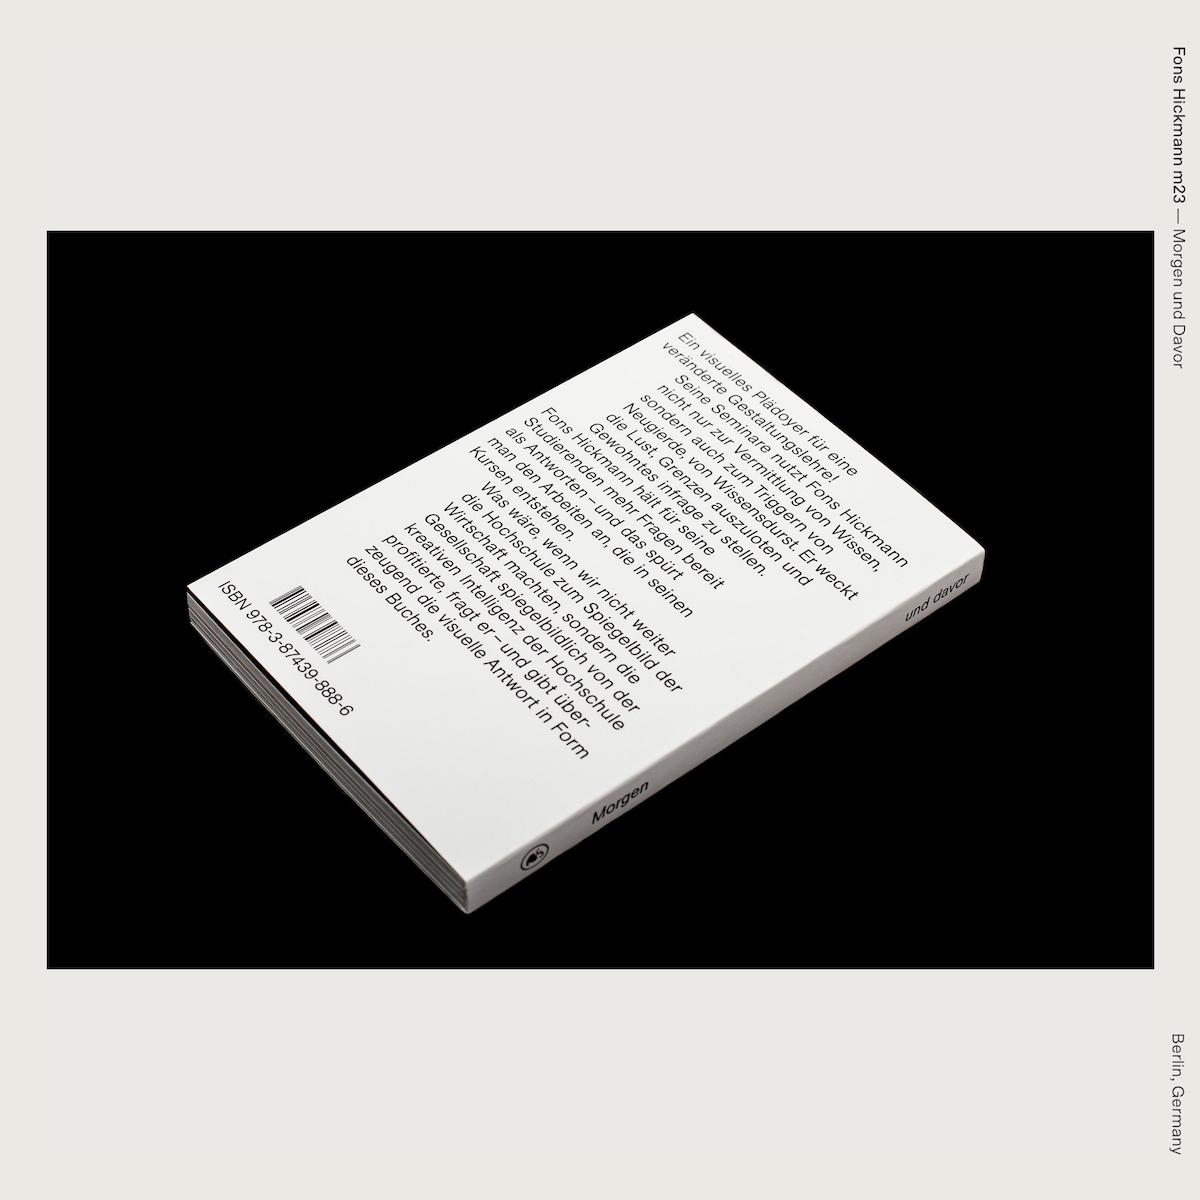 Fons Hickmann m23 — Morgen und Davor